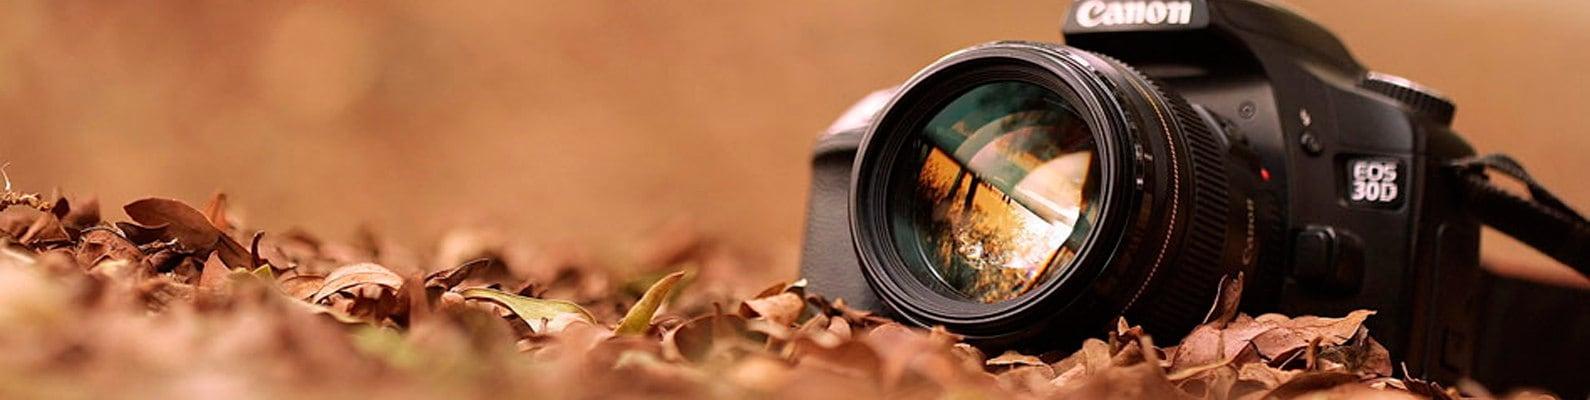 Обложка фотоаппарат